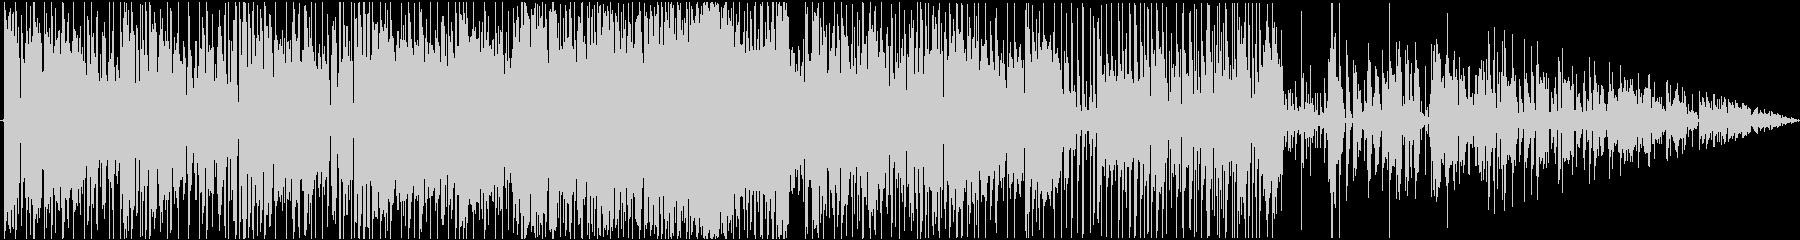 ファンキーなスムーズJAZZ(日米録音)の未再生の波形